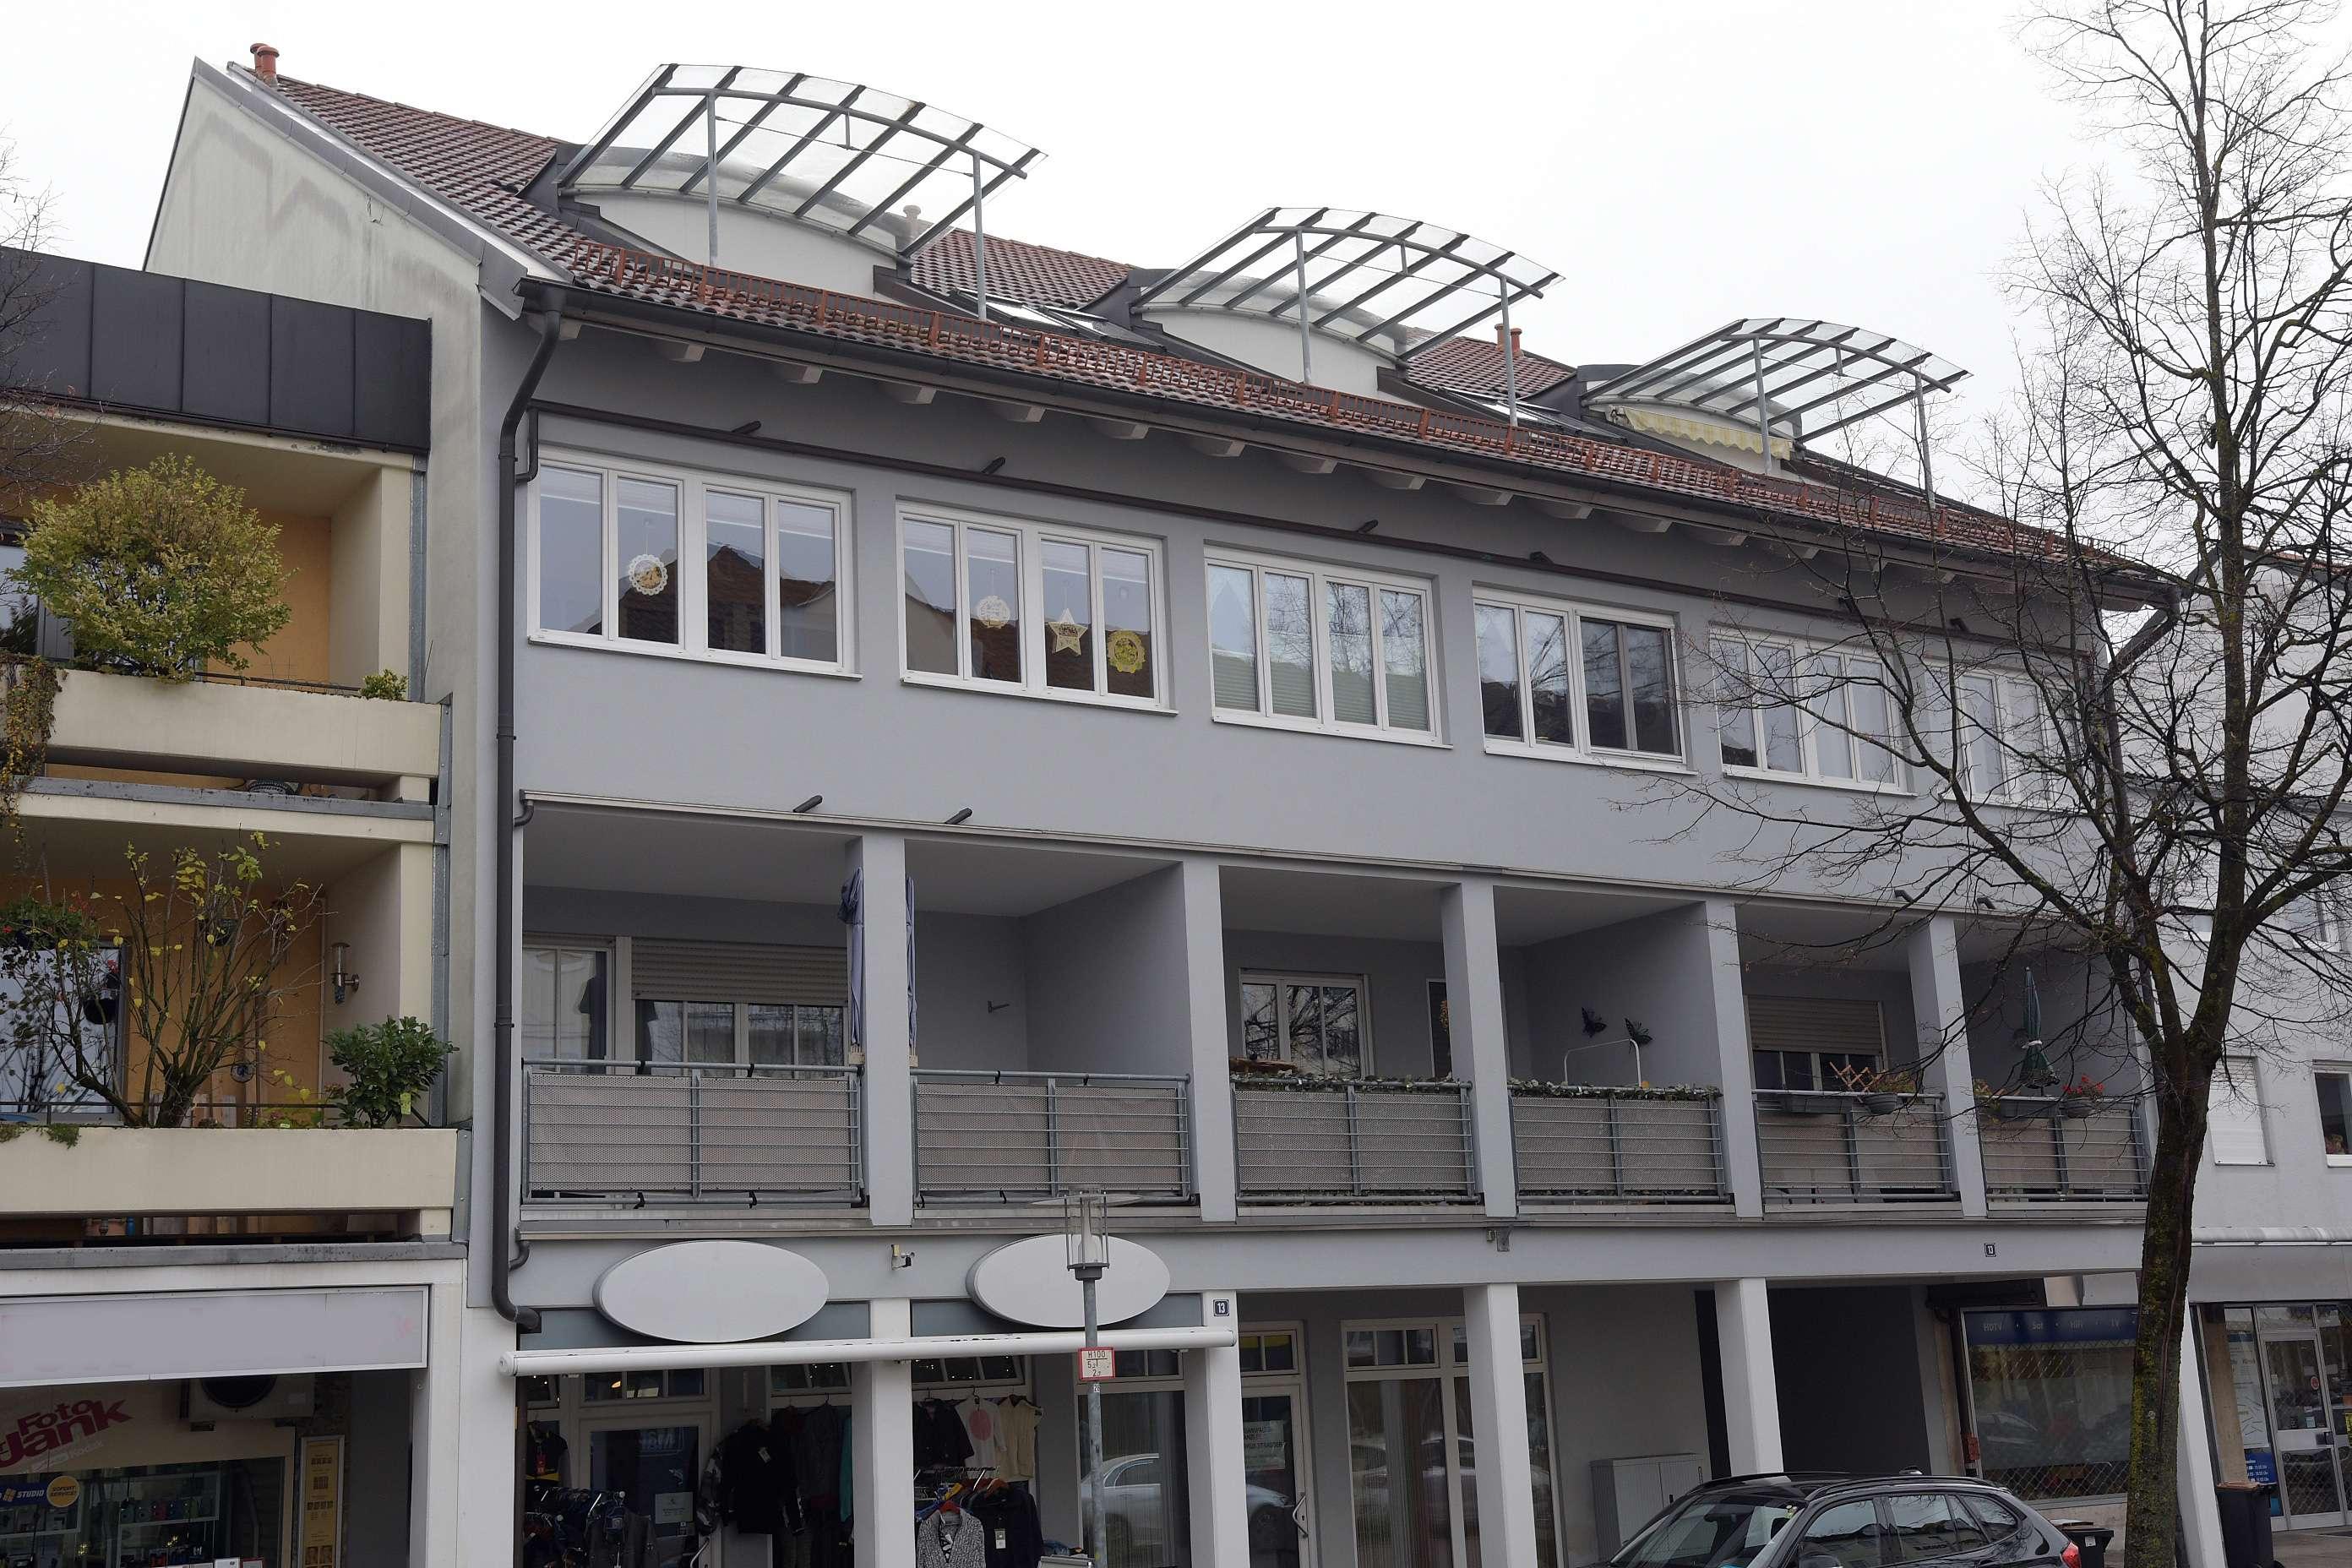 Gepflegte 3-Zimmer-DG-Wohnung mit Balkon in Frailassing, Zentrum in Freilassing